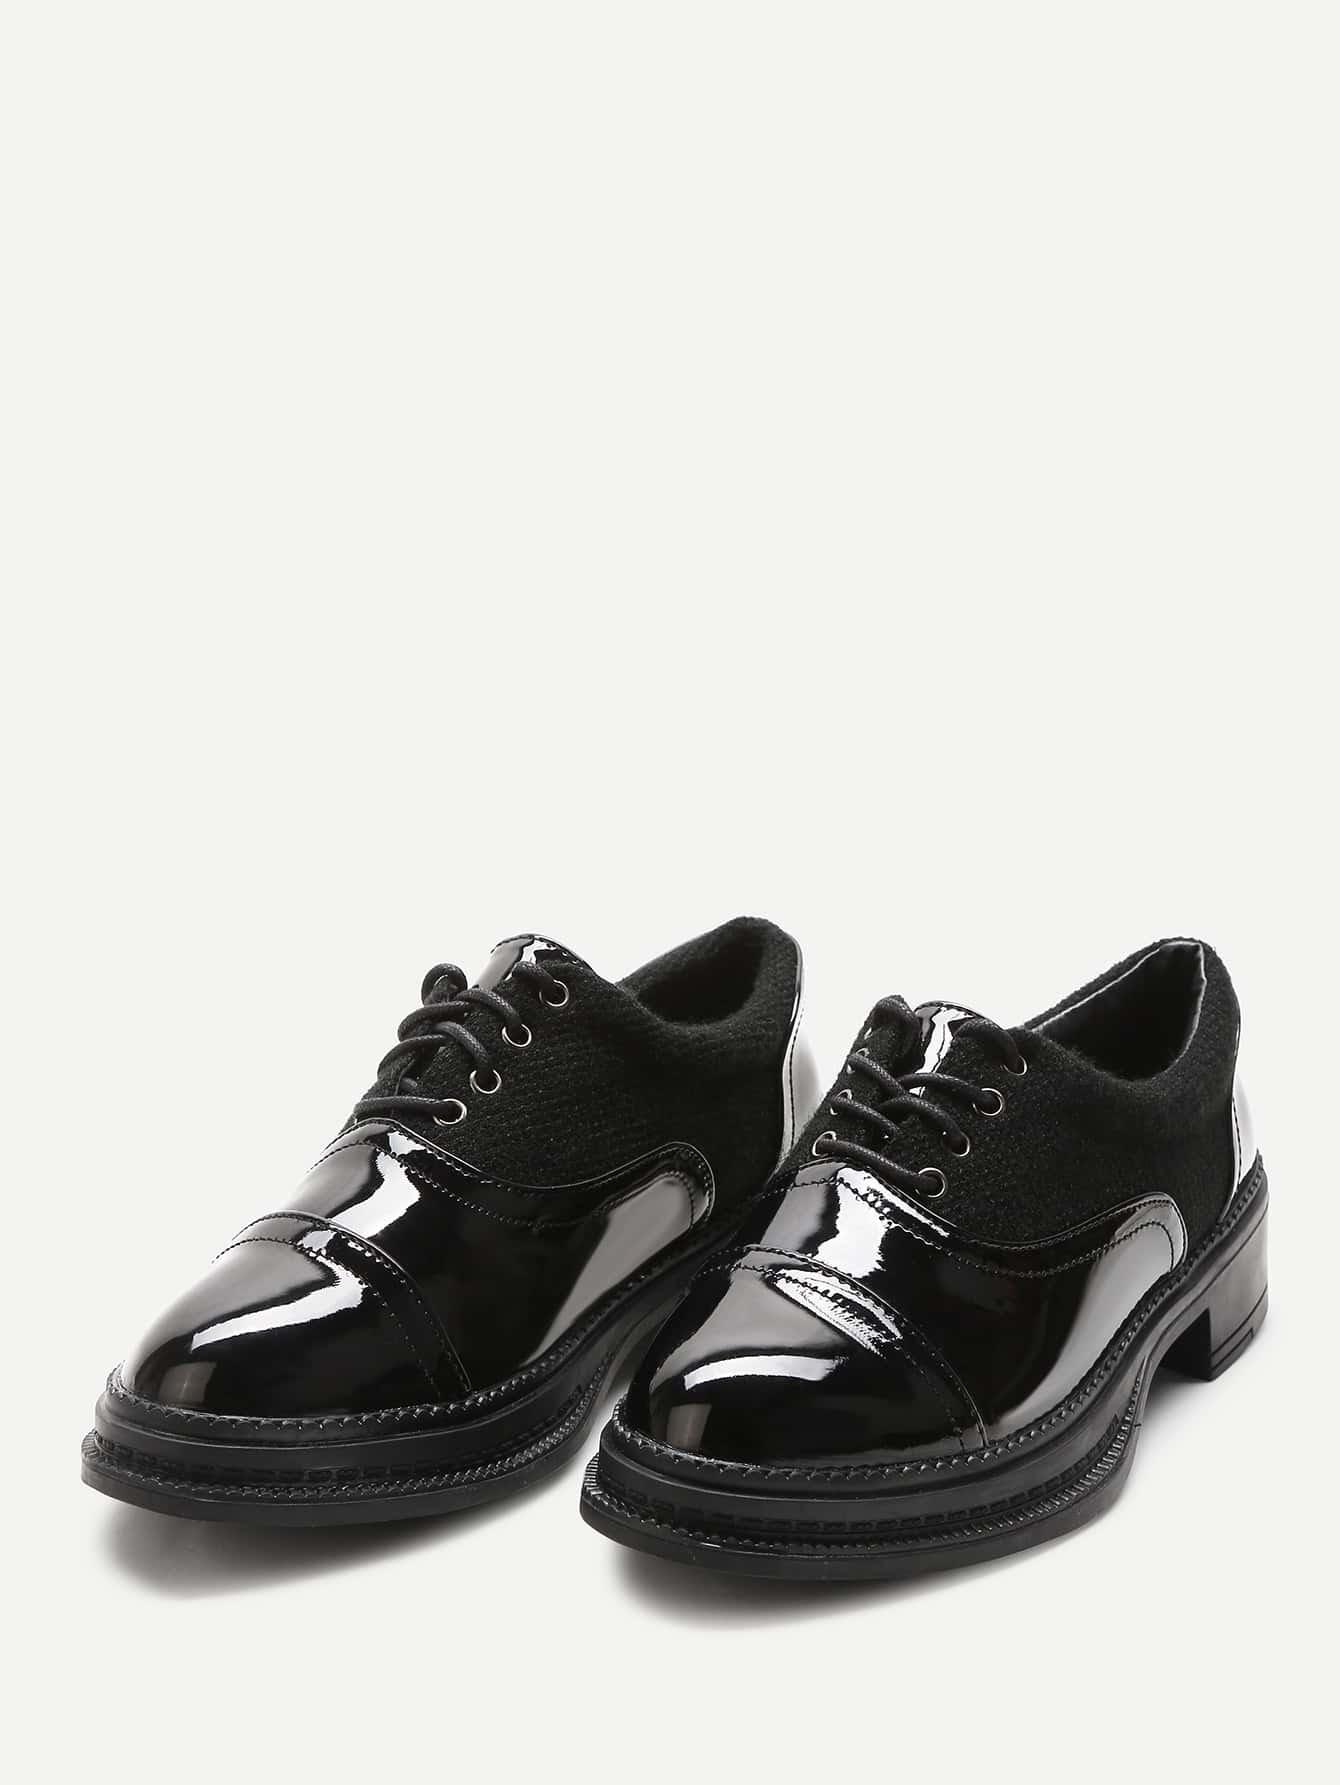 shoes170329811_2